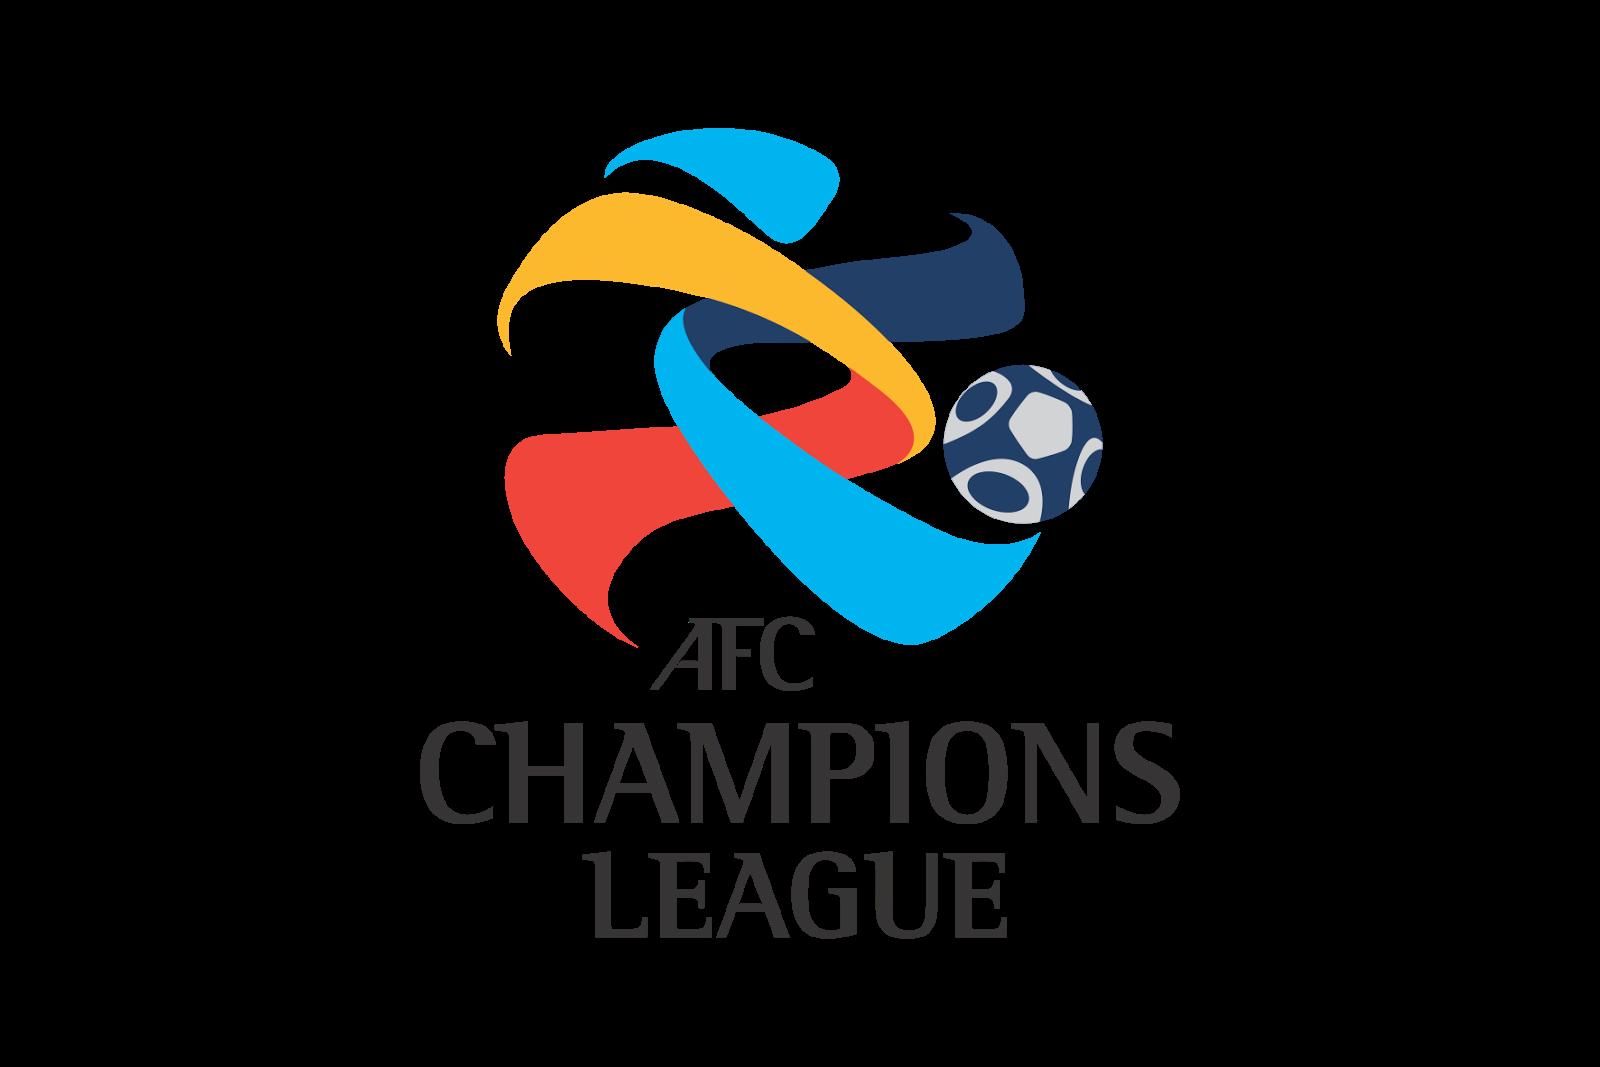 チャンピオンズリーグ ロゴ